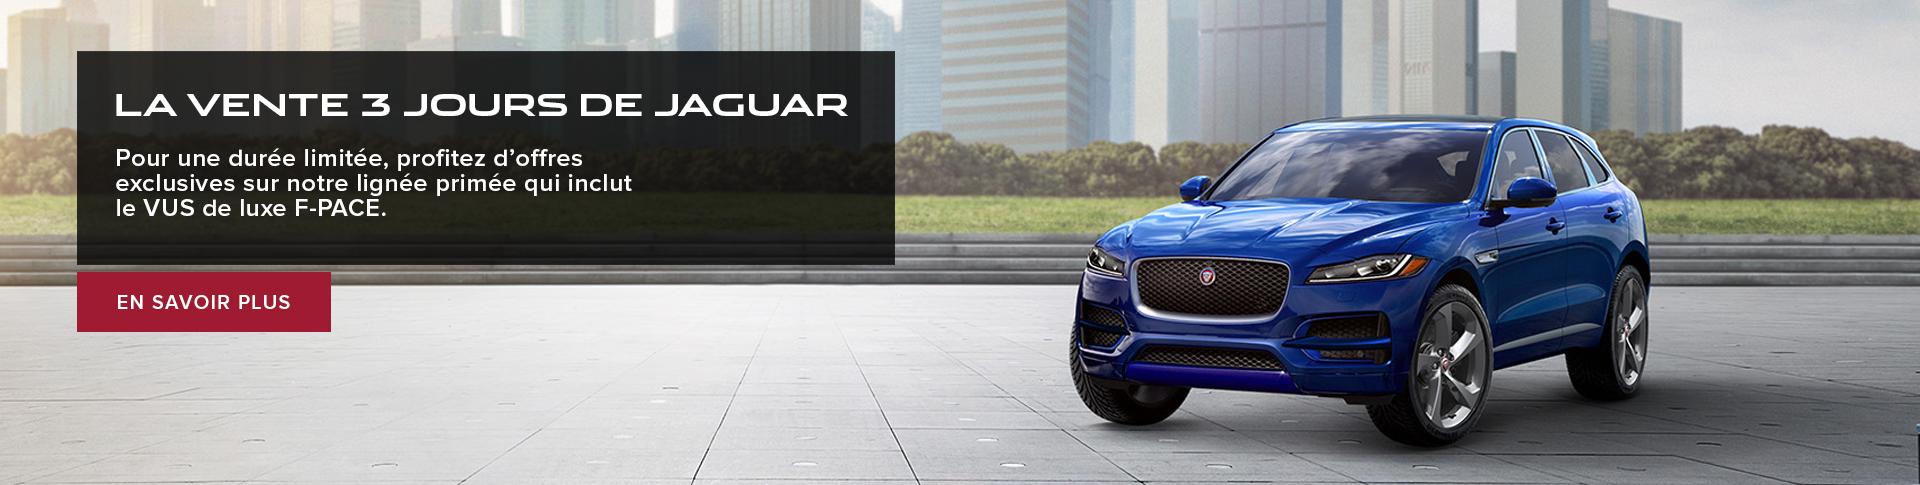 Jaguar vente 3 jours